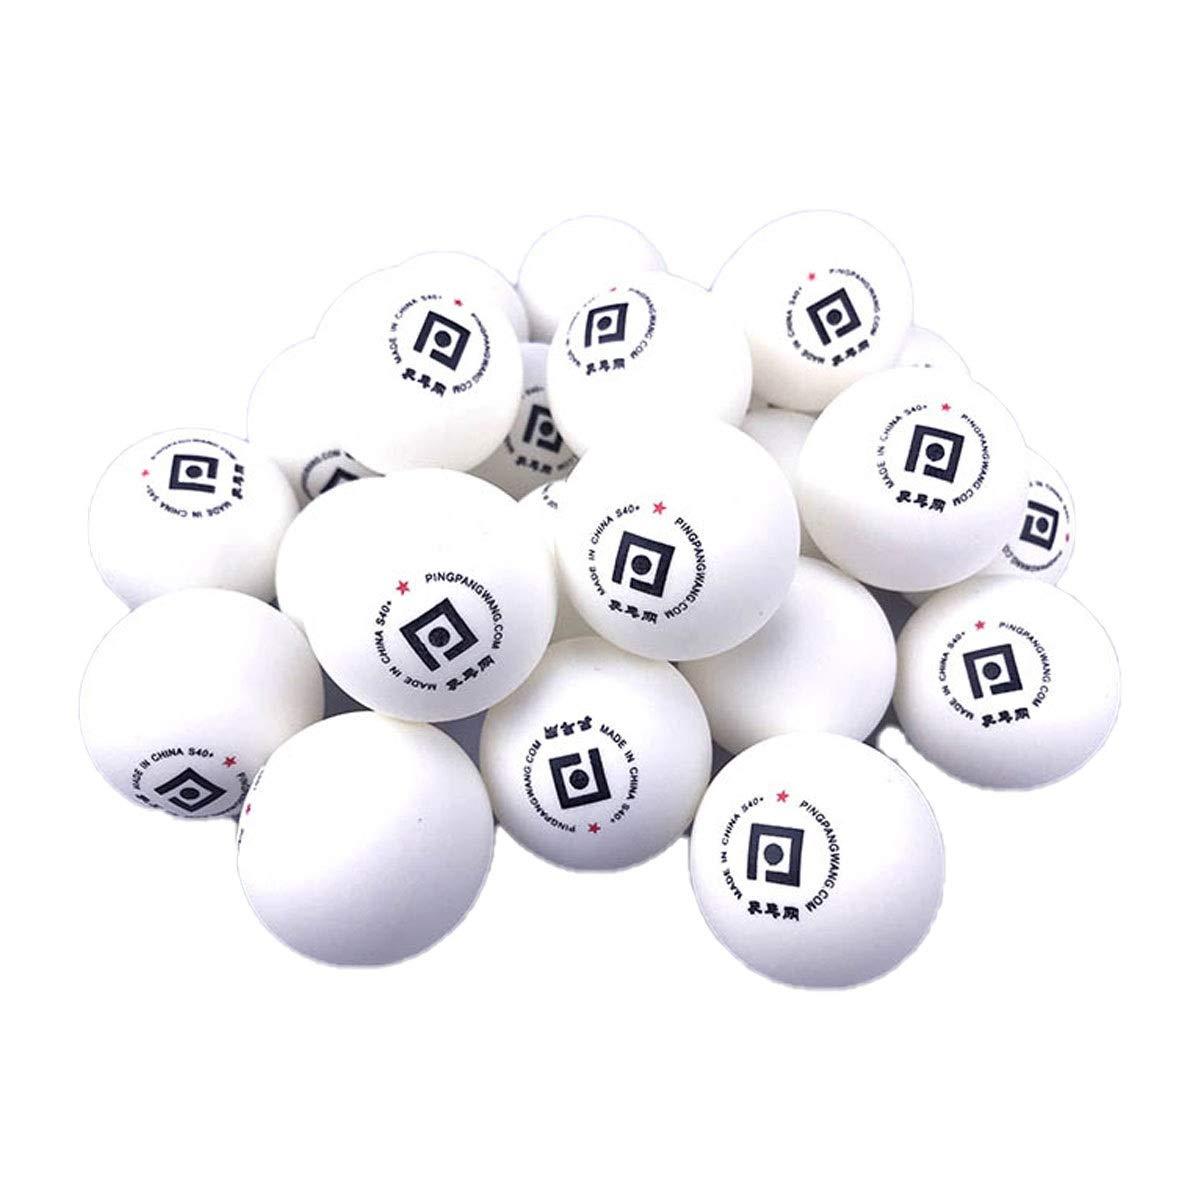 YXHUI Tenis de Mesa One Star, Material Nuevo ABS, Pelota de ...